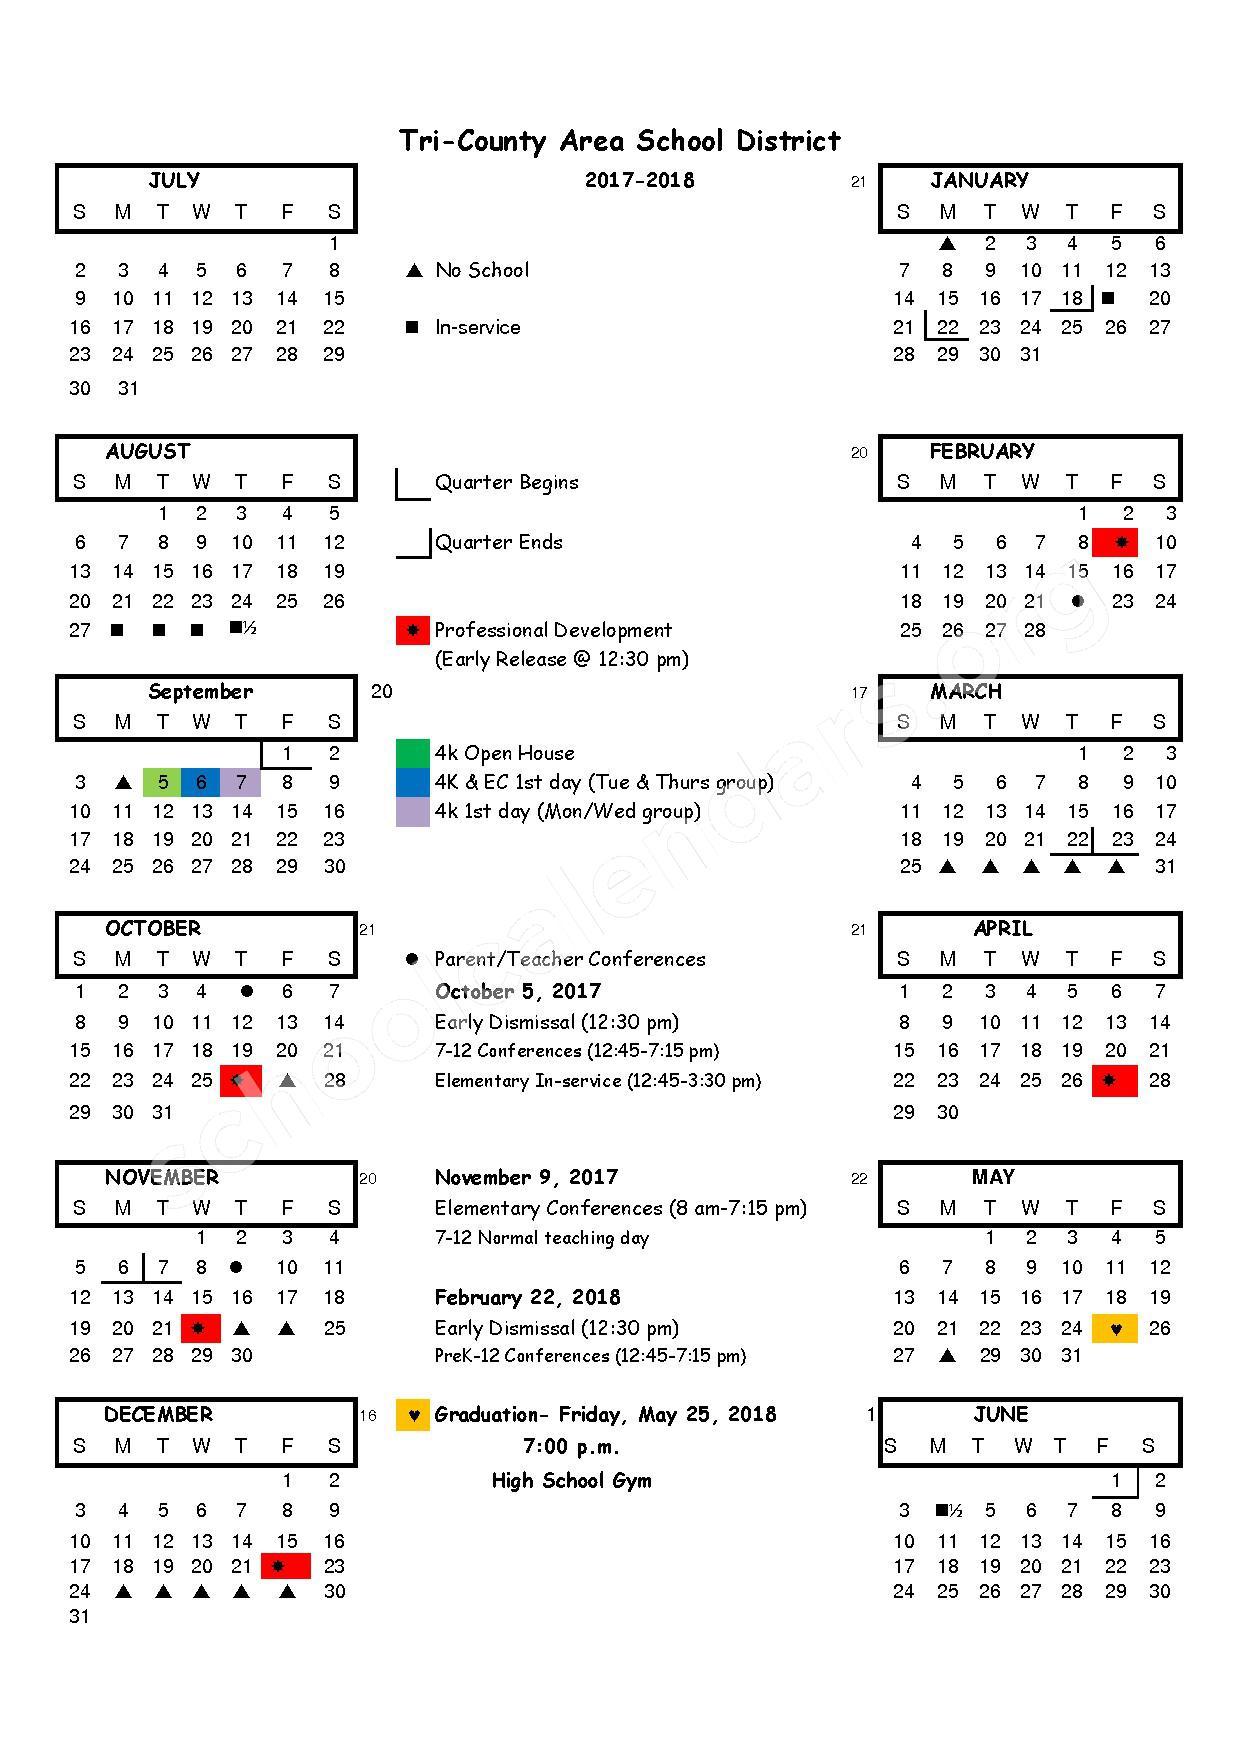 2017 - 2018 School Calendar – Tri-County Area School District – page 1